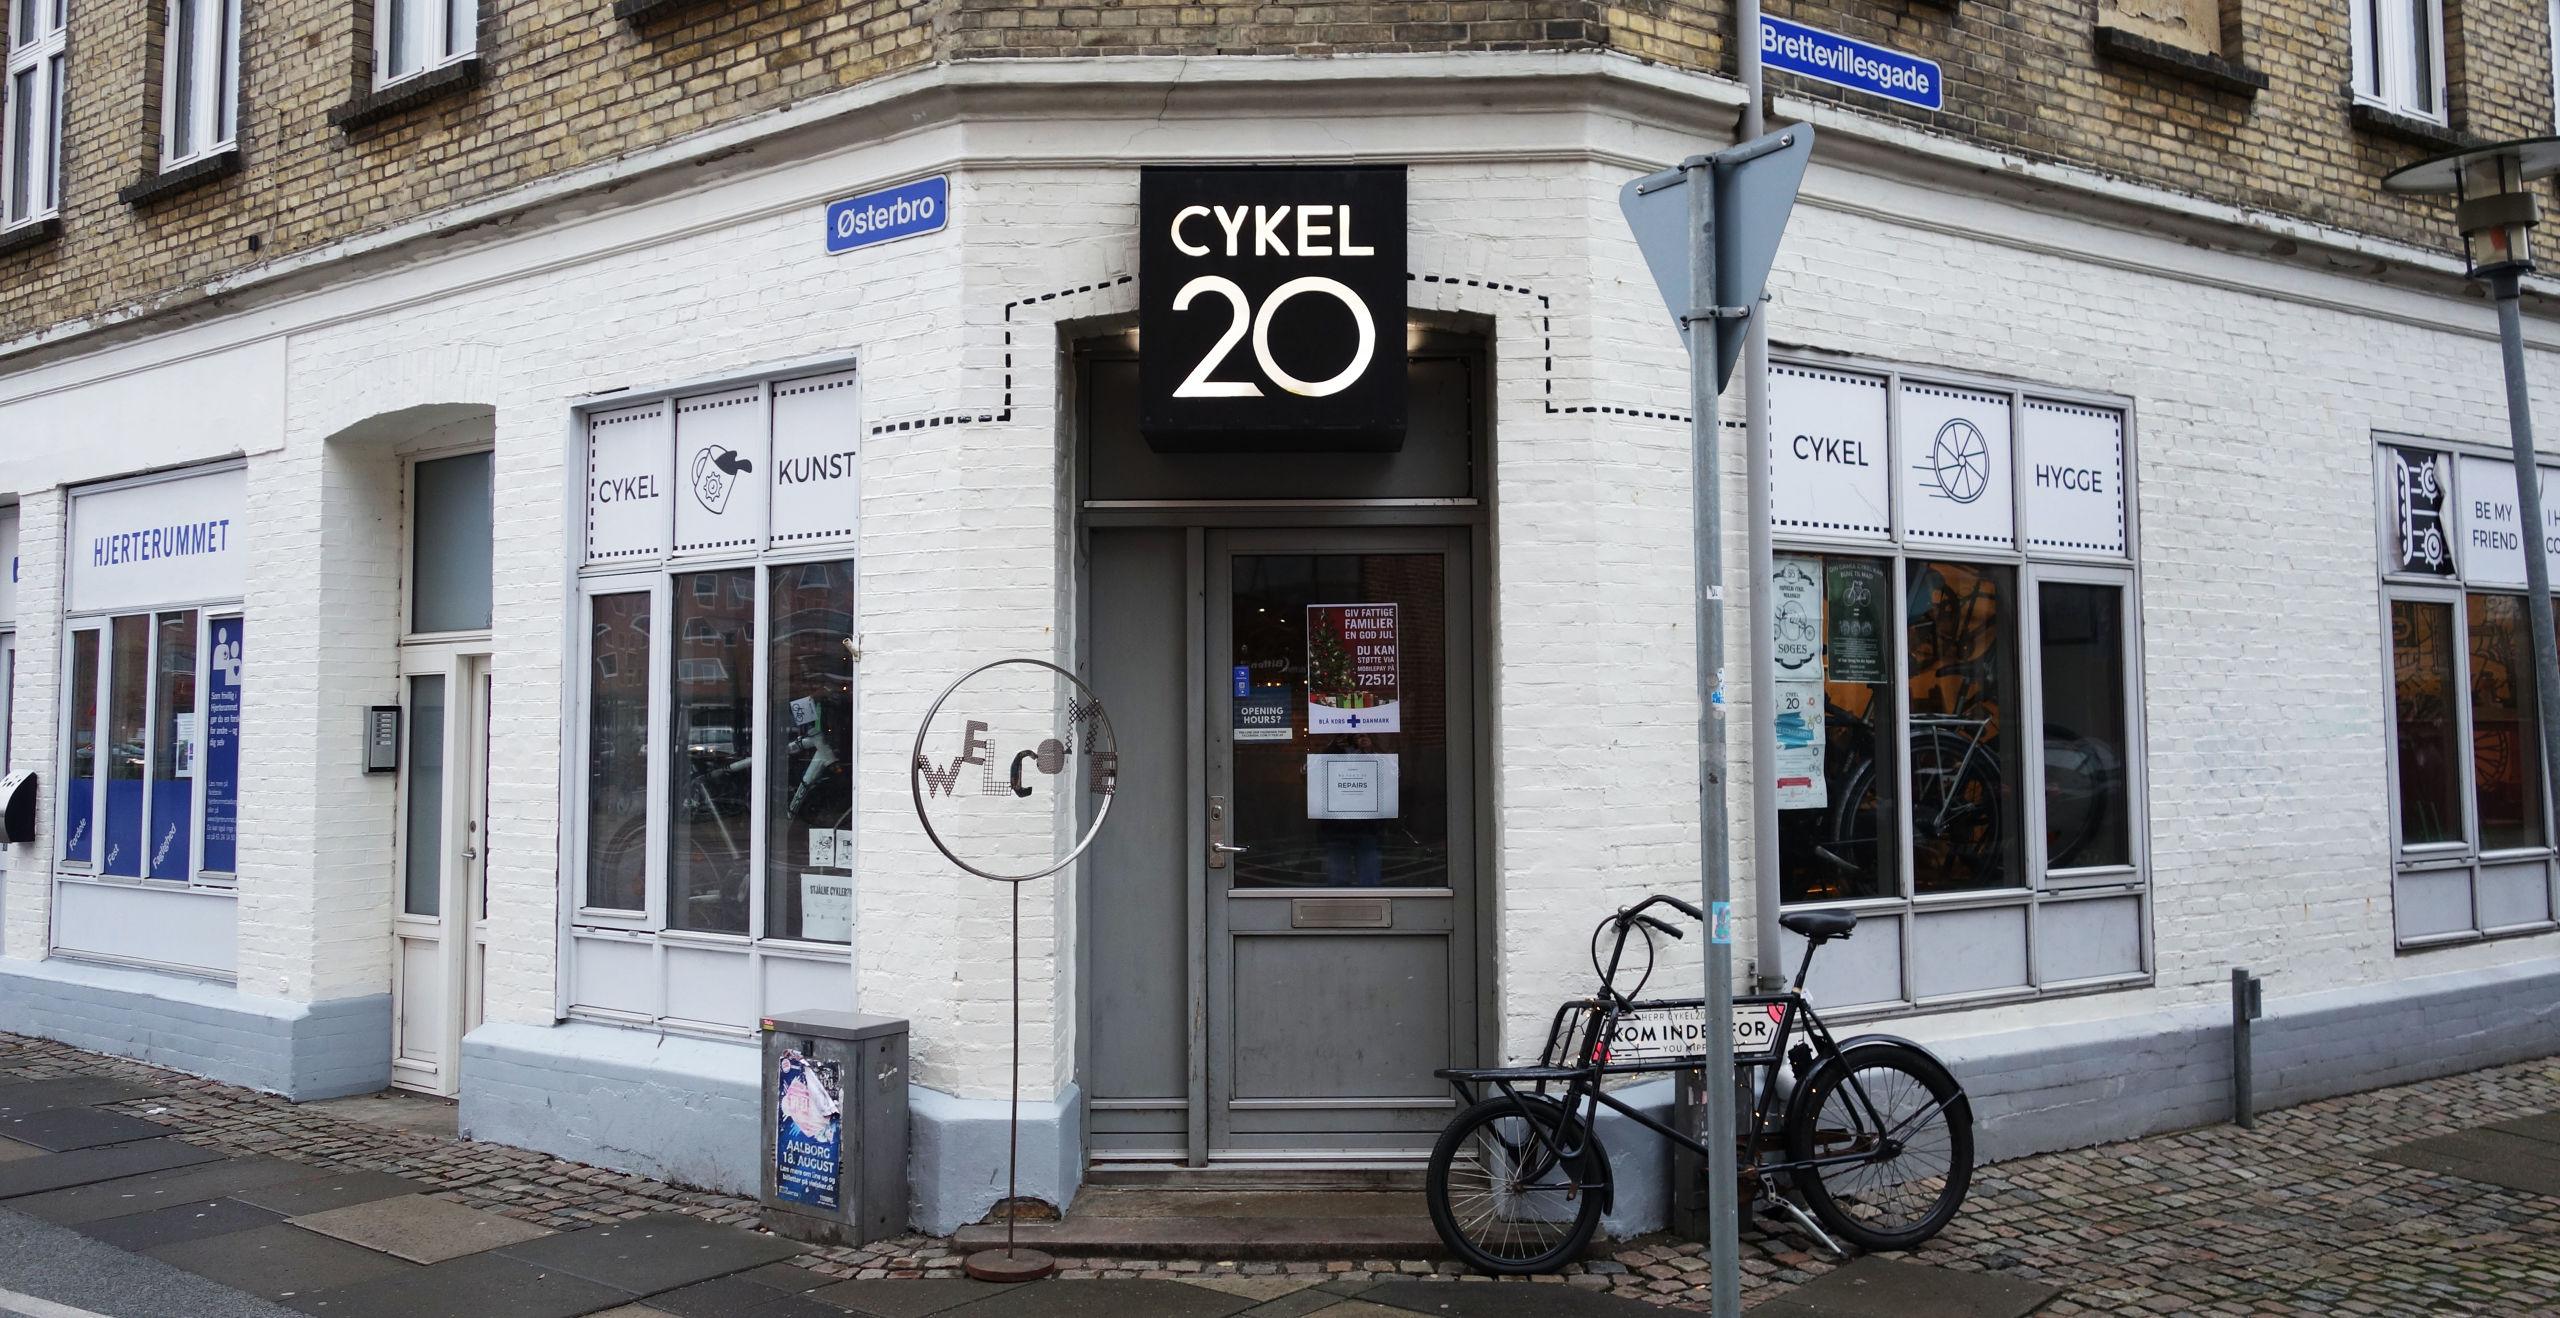 Får stor pose penge: Cykelværksted skal hjælpe unge i Aalborg